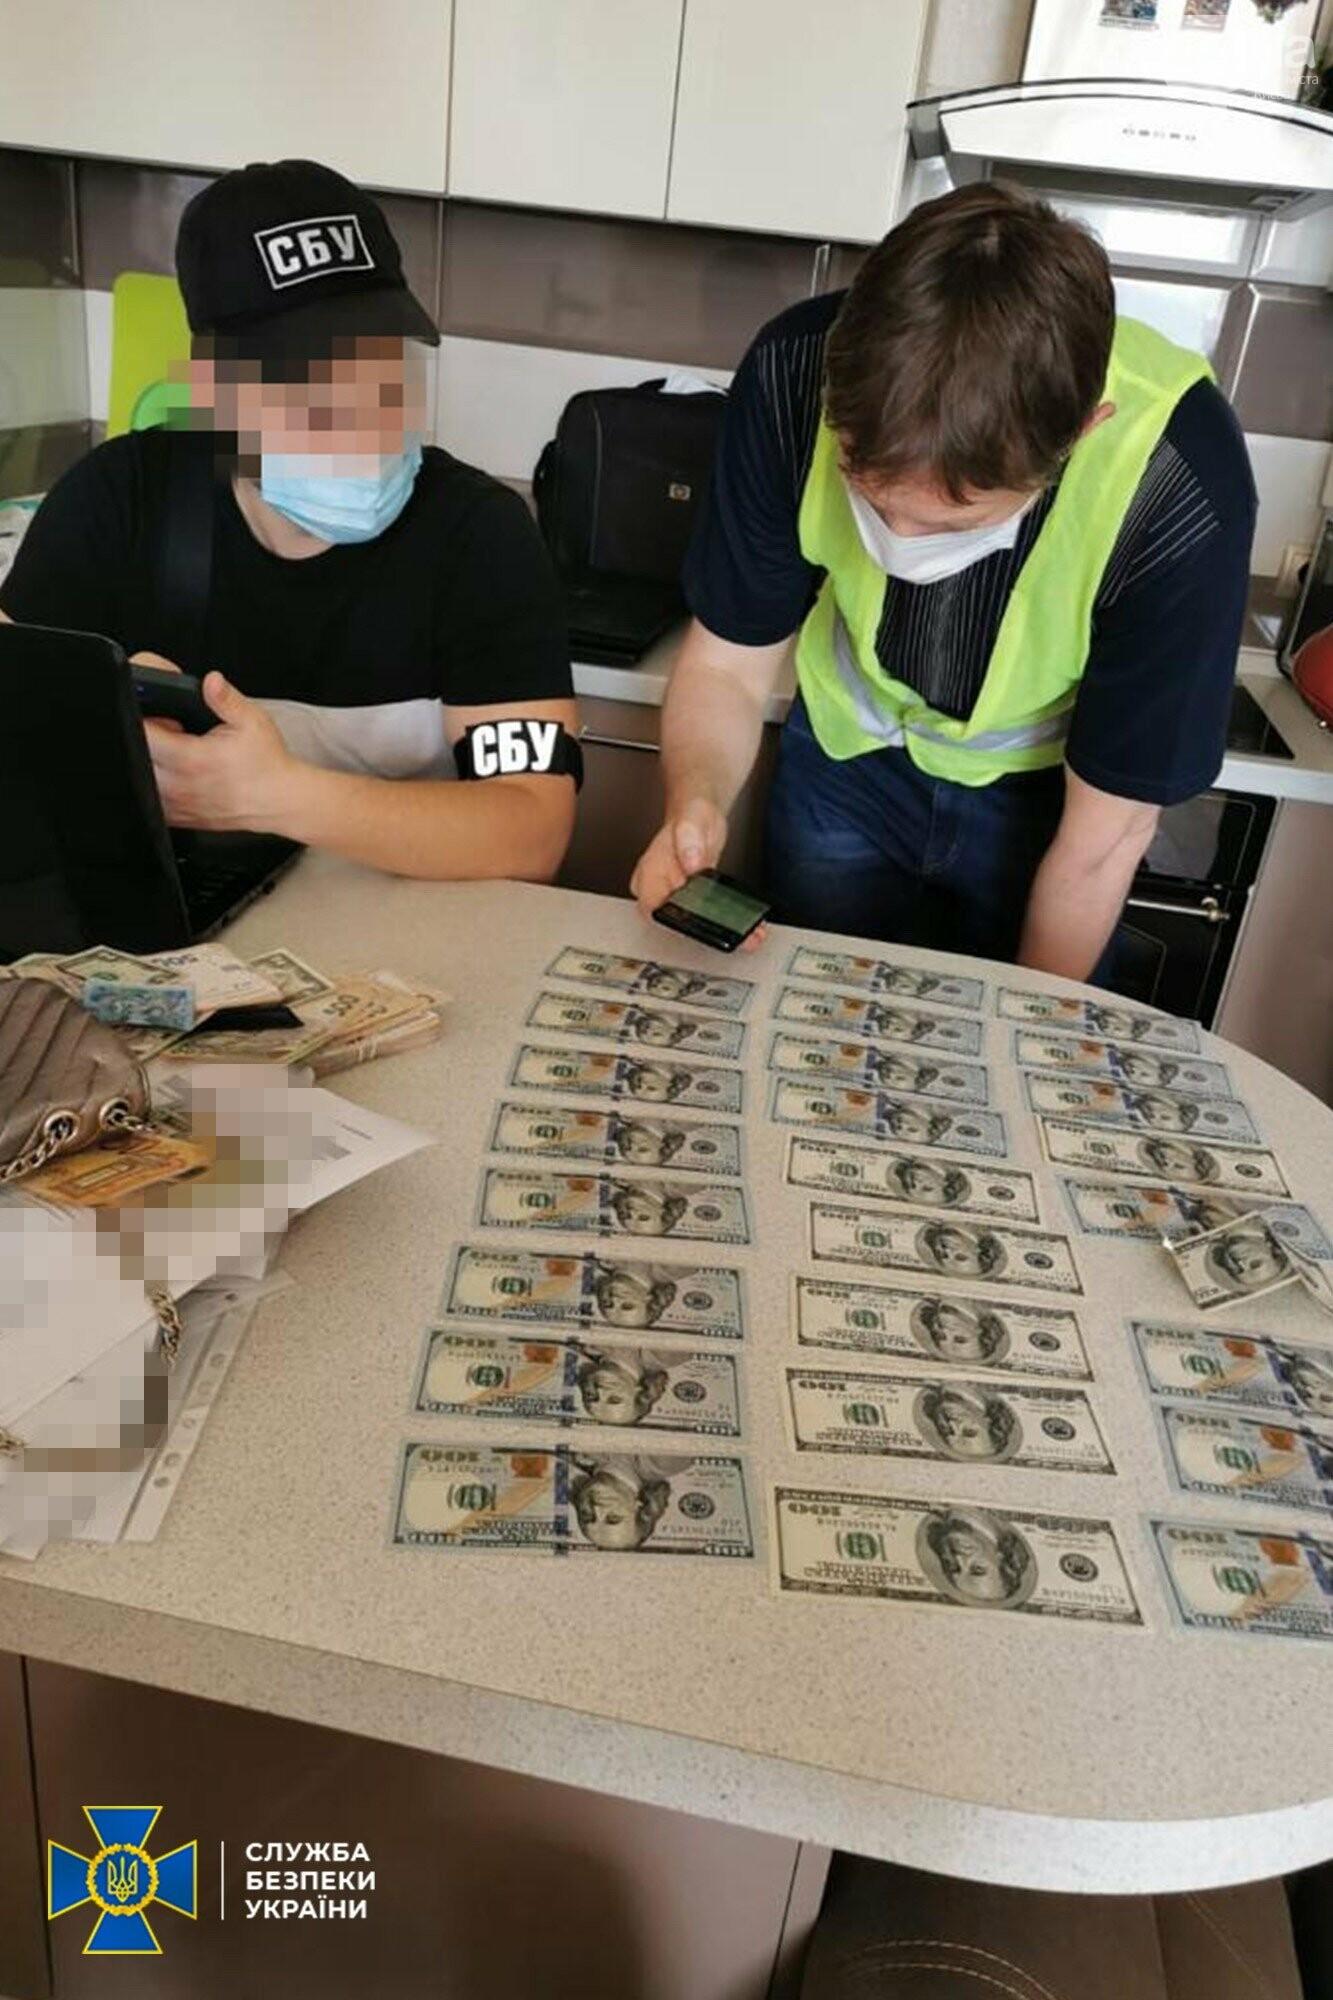 Спецоперация СБУ по задержанию преступников, Источник: сайт СБУ